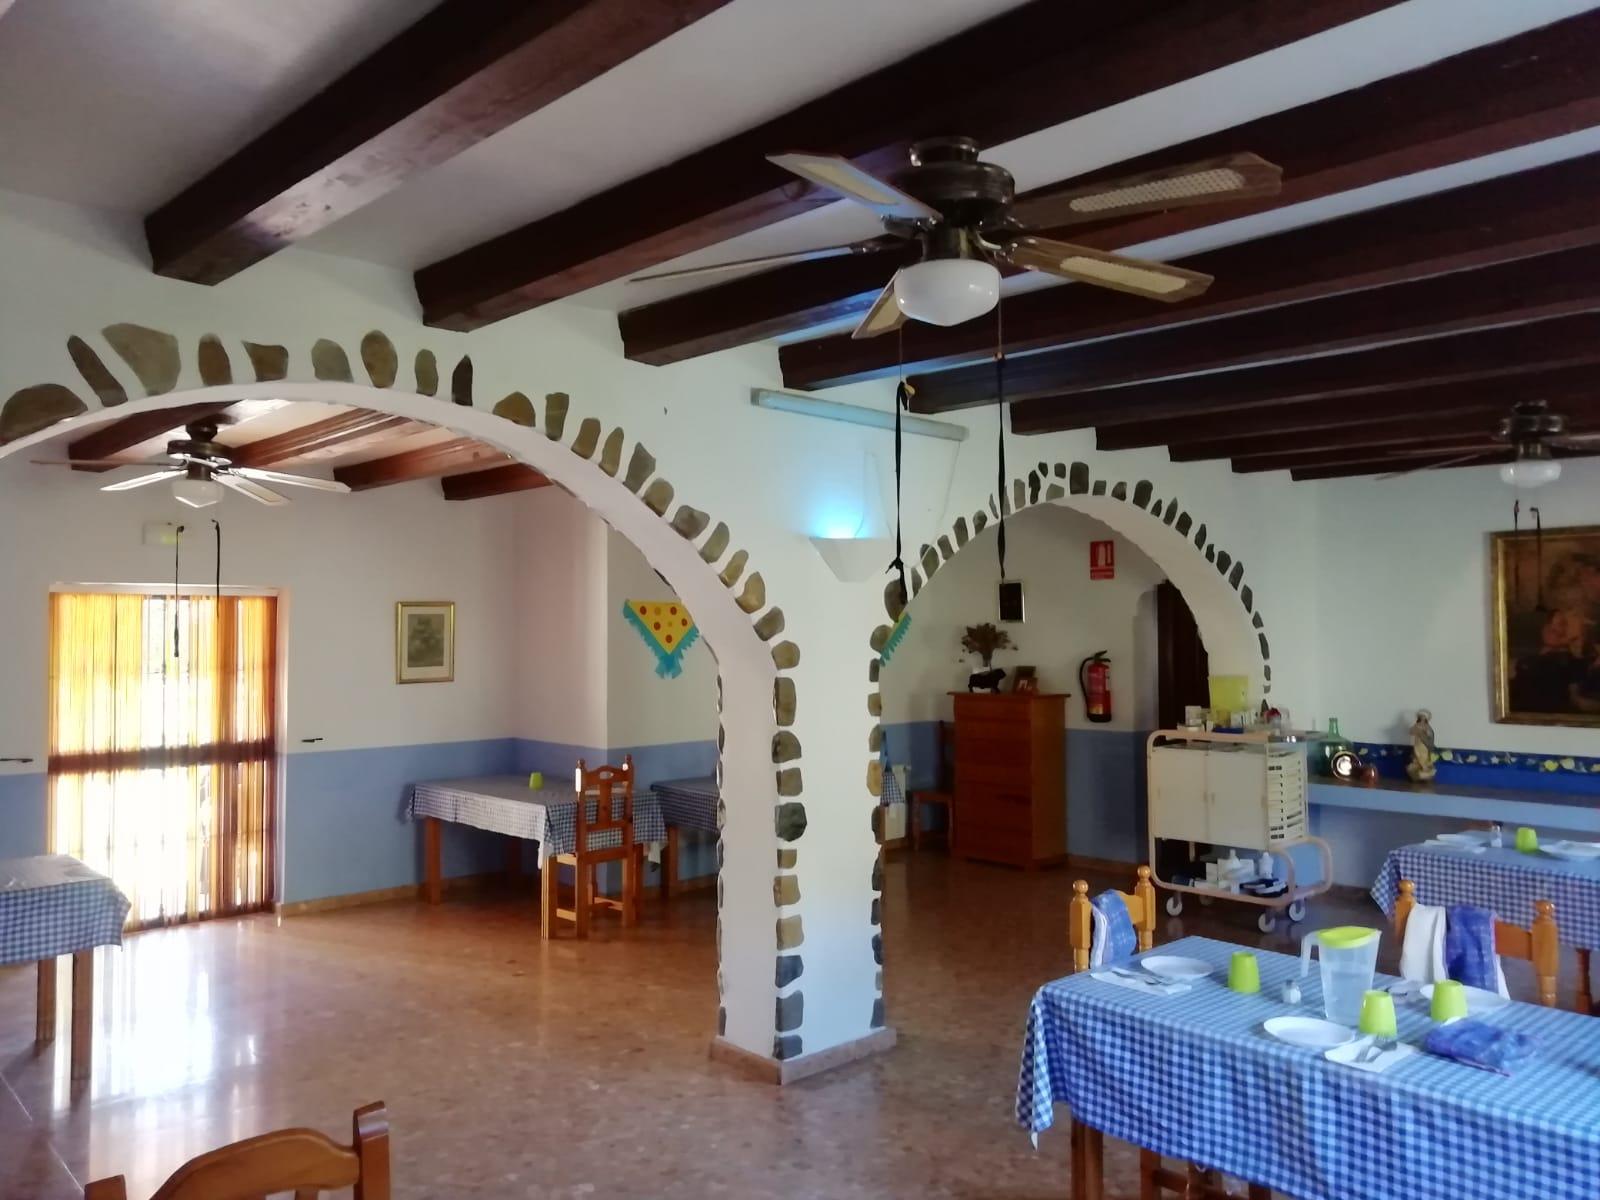 residencia geriatrica malaga, residencia ancianos domusvi fuentesol, residencia manuel dovado, residencia la esperanza, residencia moncasol,